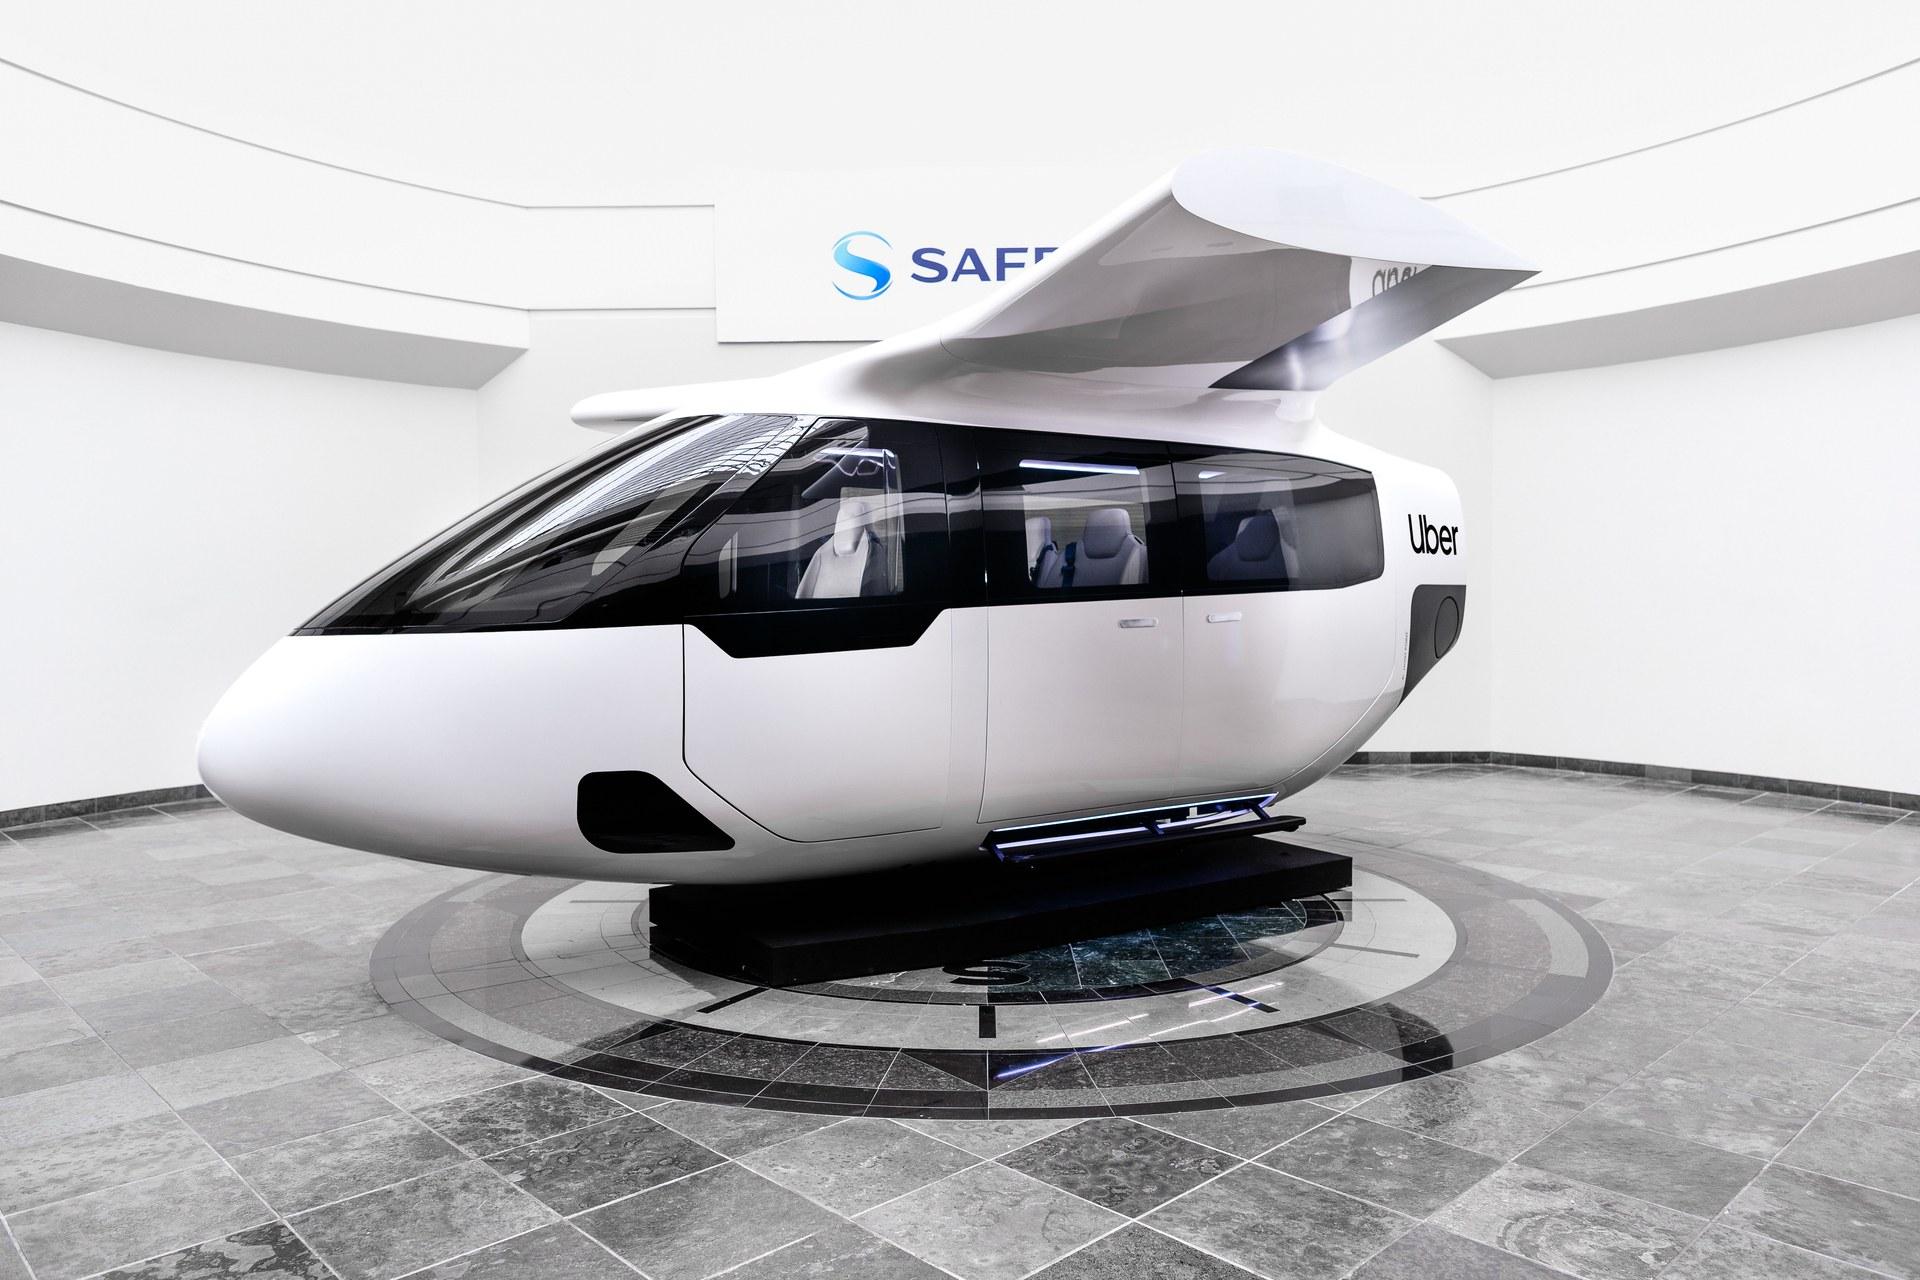 photo de la maquette prototype de la cabine du projet de taxi volant Uber Air présenté à Elevate et conçu par Safran Cabin